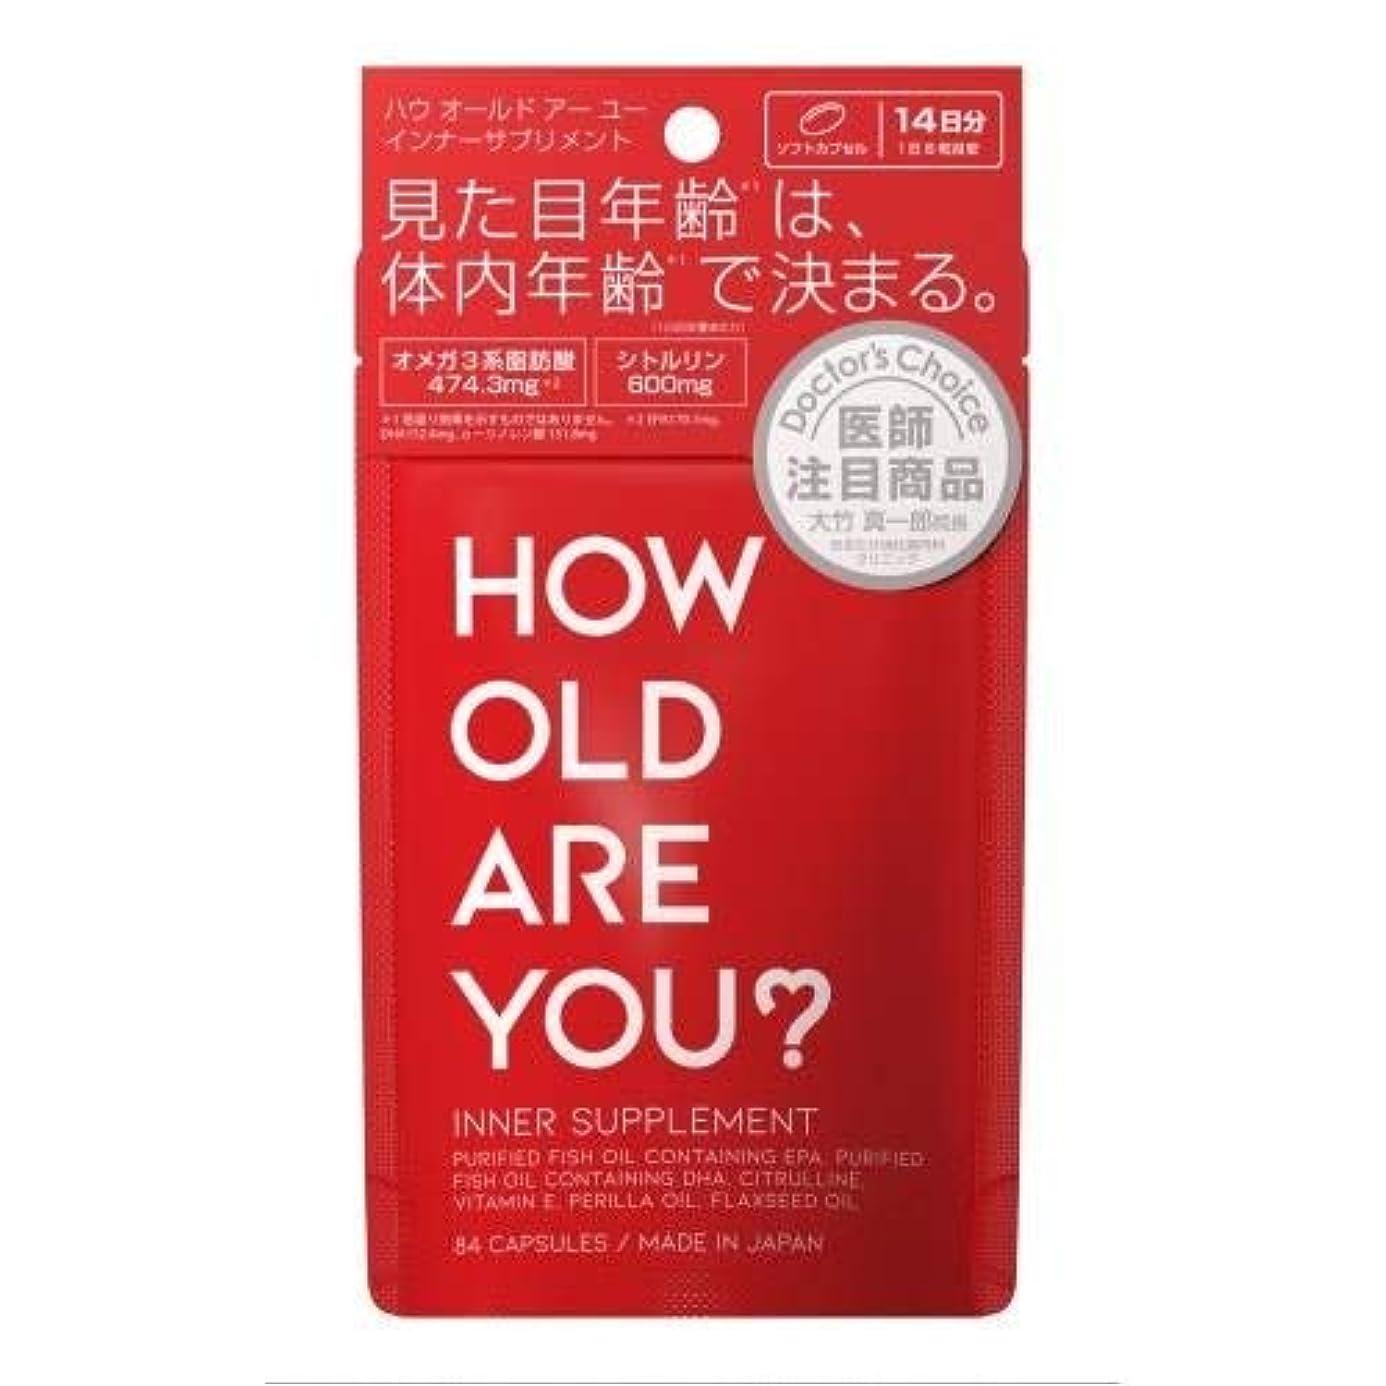 愛撫取り替える荒野【5個セット】HOW OLD ARE YOU?インナーサプリメント 84粒